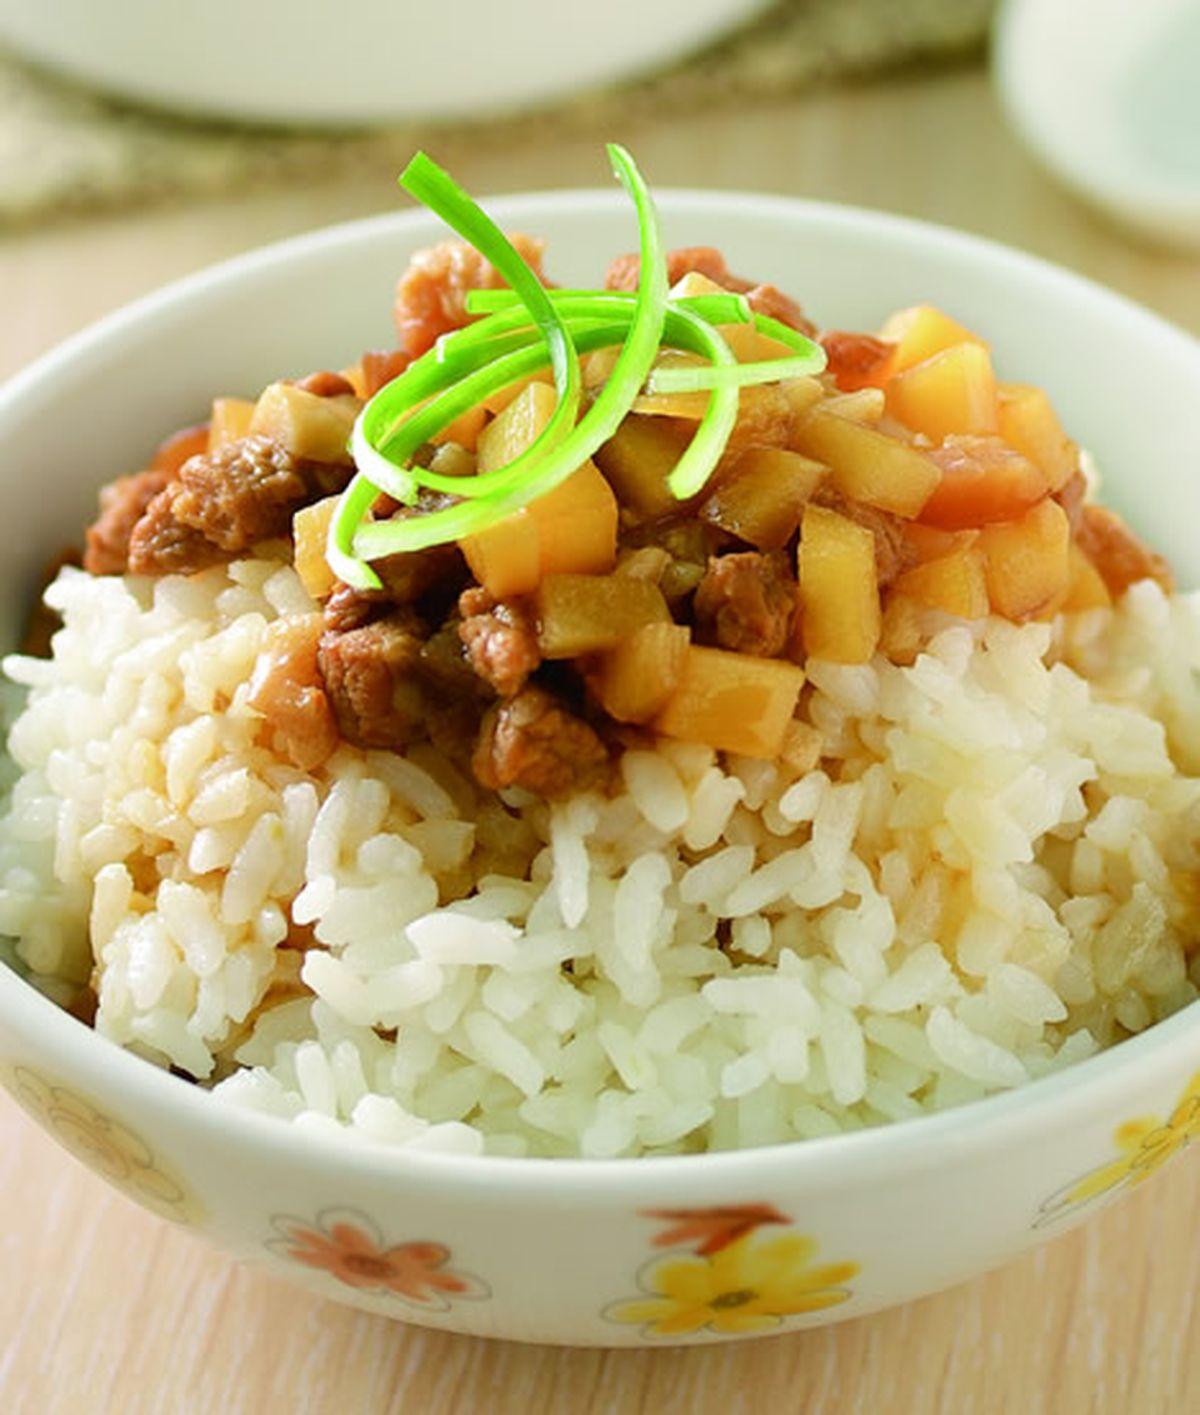 食譜:筍丁滷肉飯